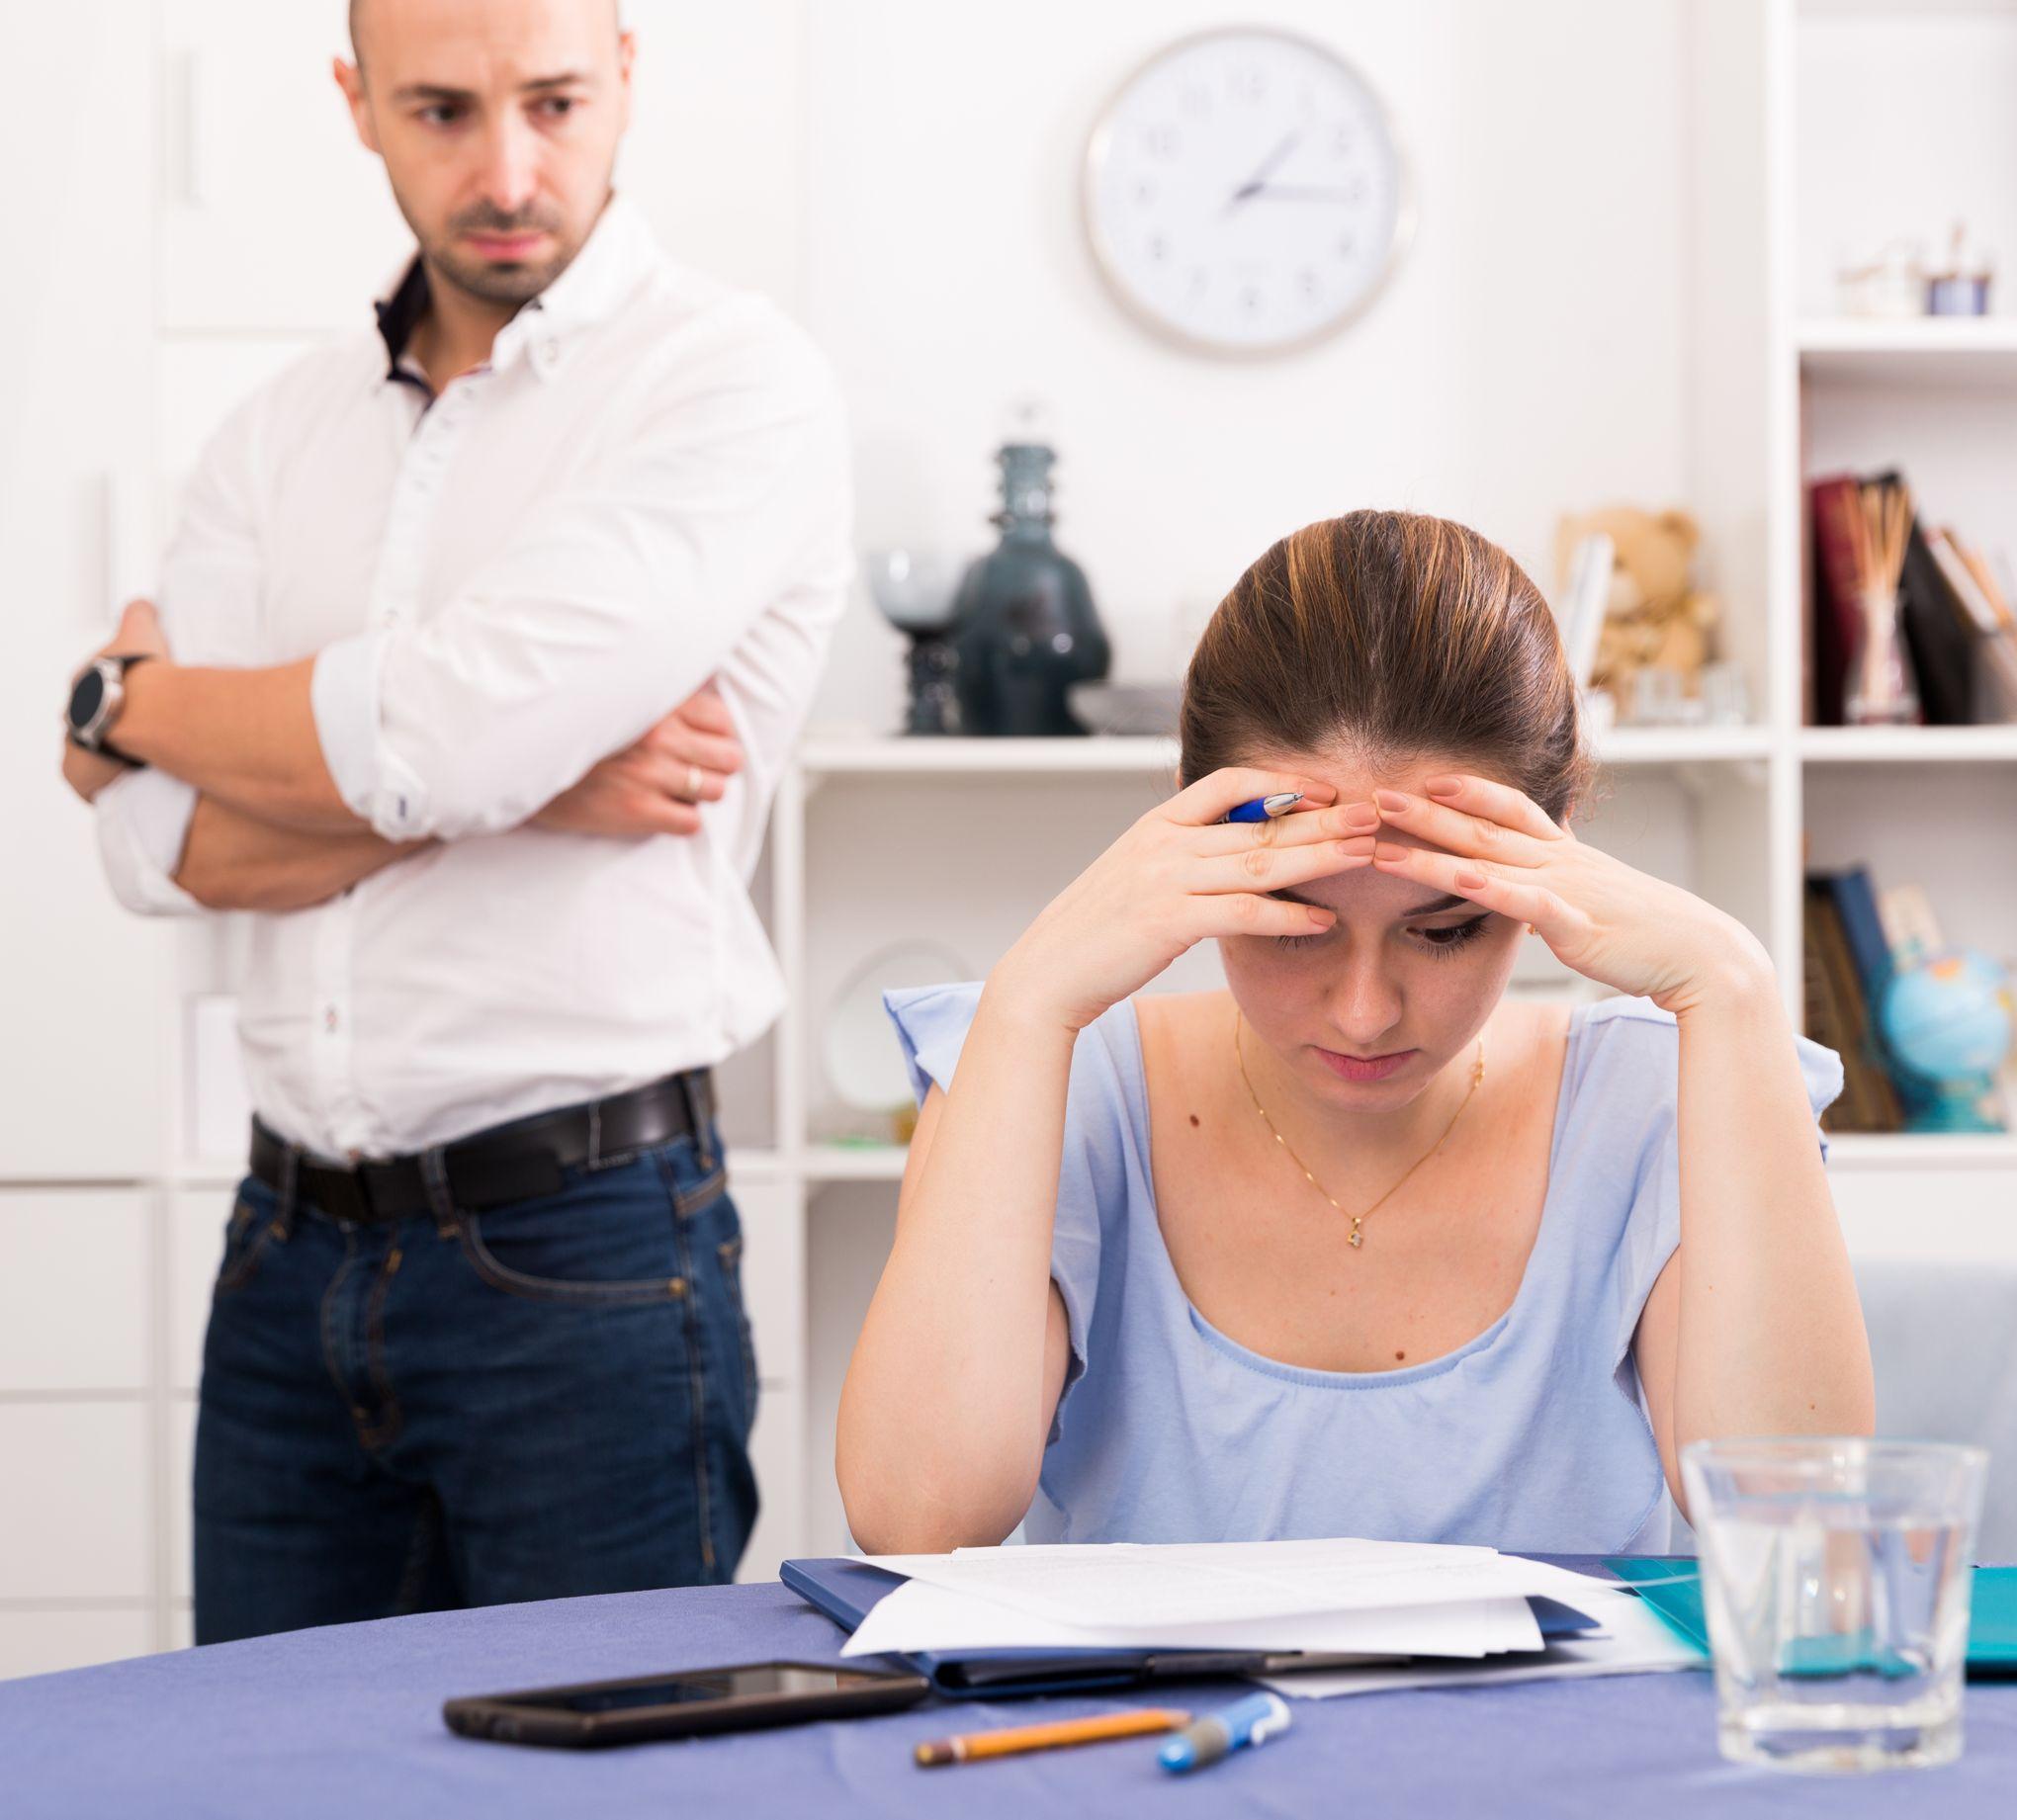 L'époux qui a fait le plus gros apport récupère le bien immobilier